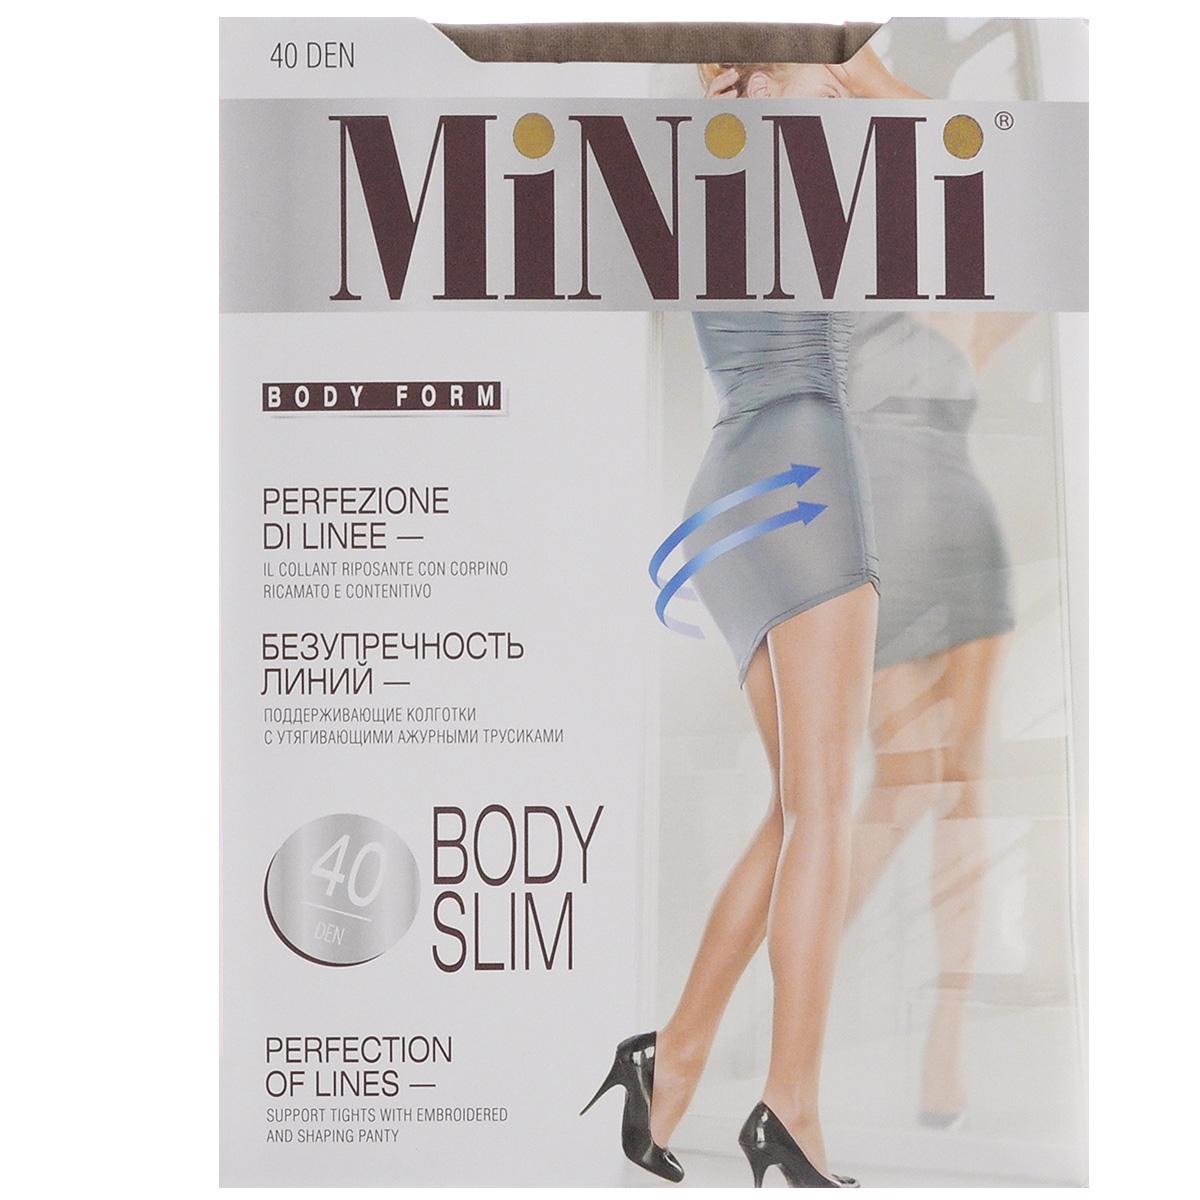 Колготки женские Body Slim 40BODY SLIM 40Эластичные поддерживающие колготки Minimi Body Slim с комфортными плоскими швами, гигиеничной ластовицей и укрепленным мыском. Изюминка модели - плотные утягивающие трусики (70 den) с ажурным оформлением, которые моделируют фигуру в области живота, бедер и ягодиц. Плотность колготок: 40 den.